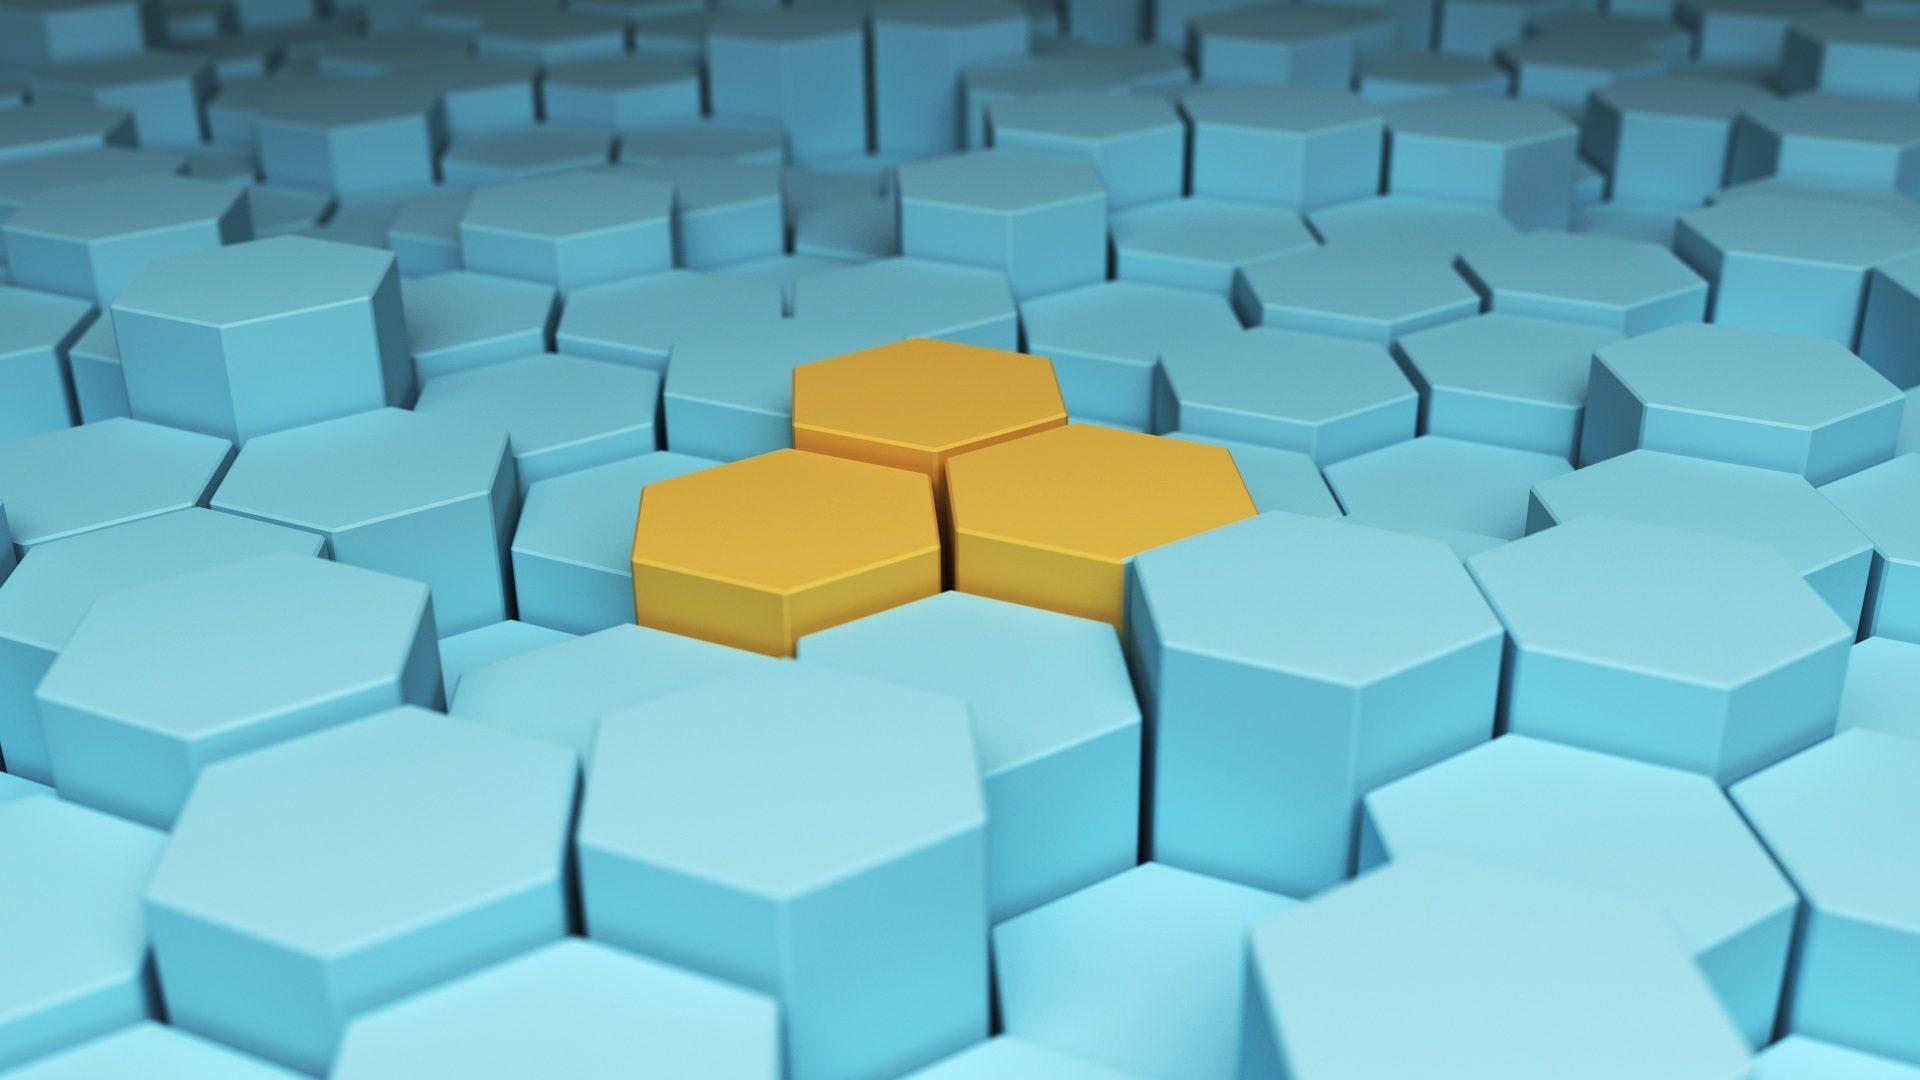 hexágonos, distinção, Trio, cores, Amarelo - Papéis de parede HD - Professor-falken.com